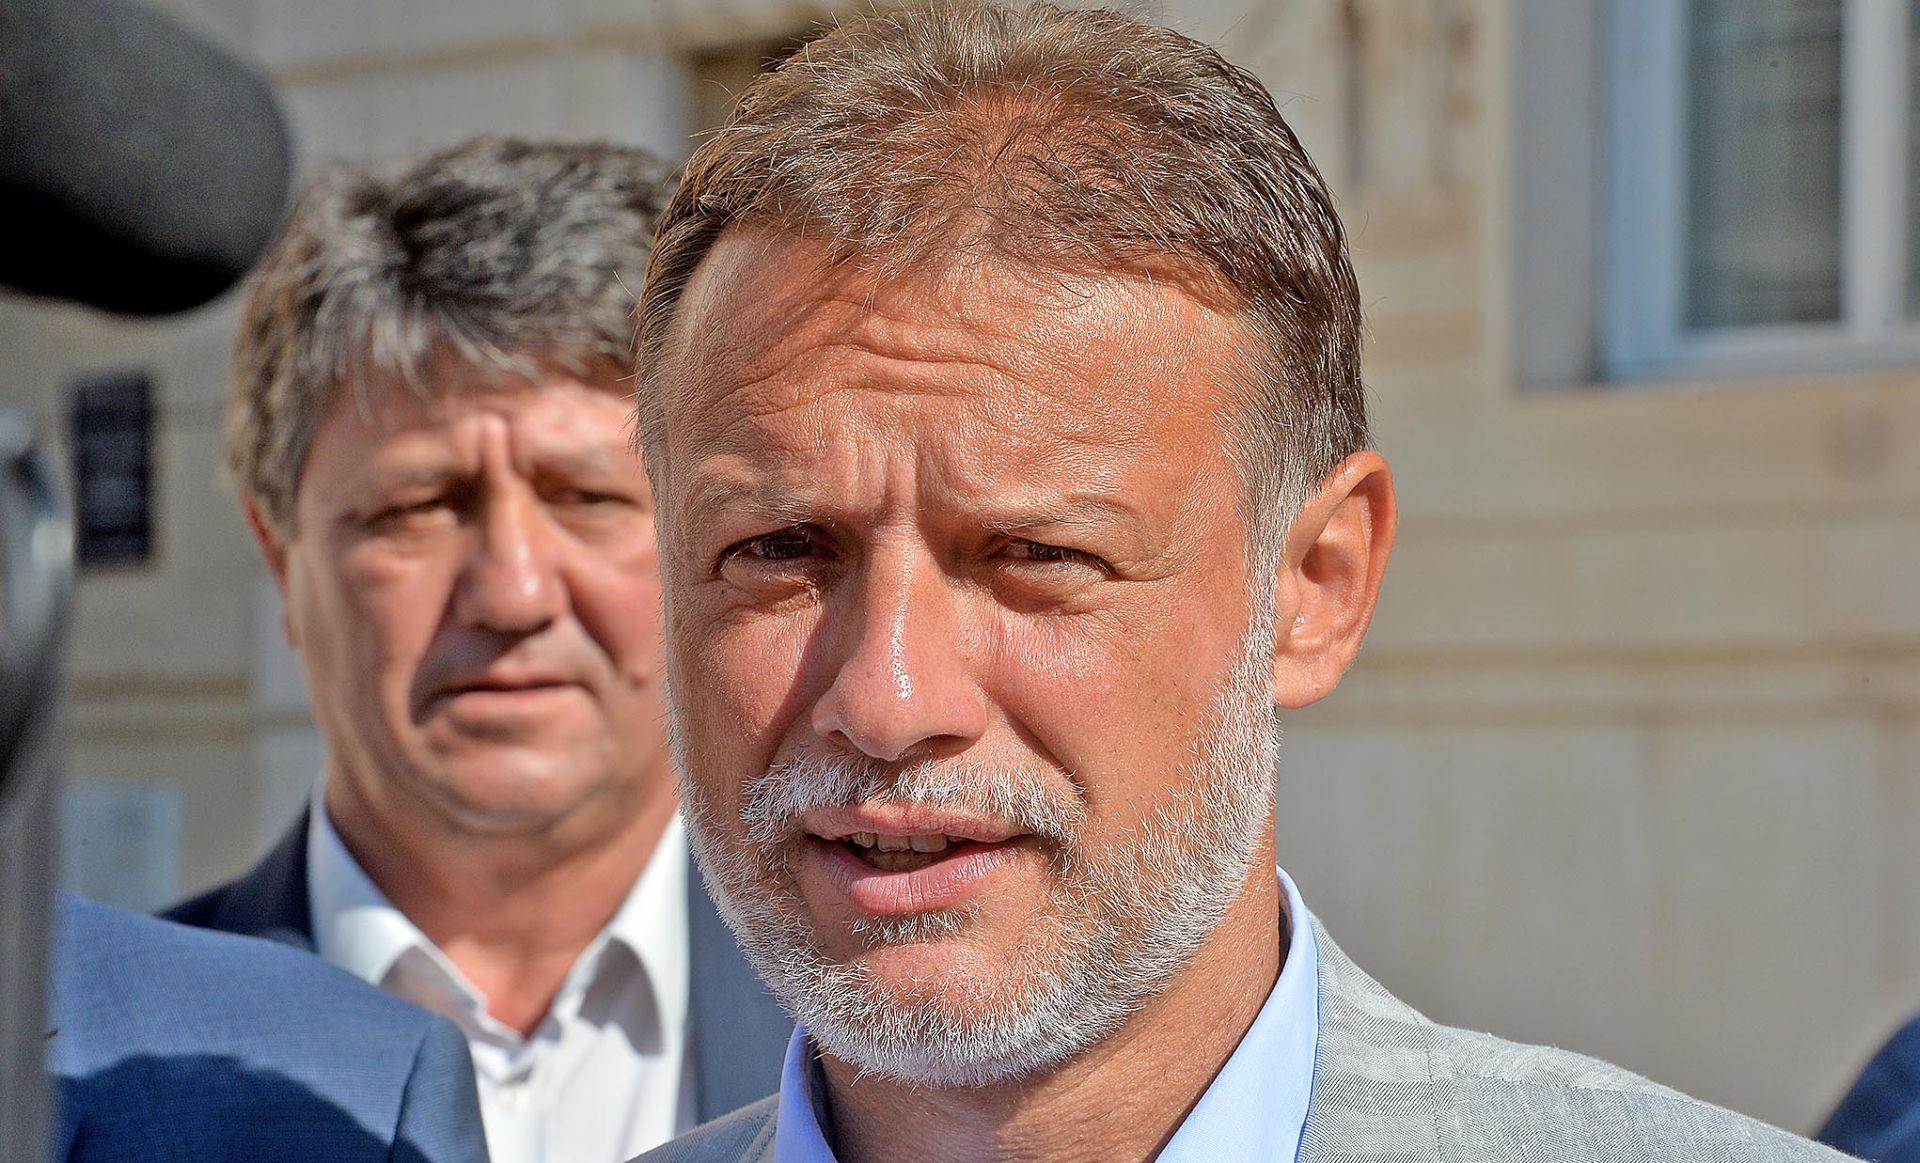 JANDROKOVIĆ 'Očekujem da se utvrdi tko je napao Pupovca i Miloševića'